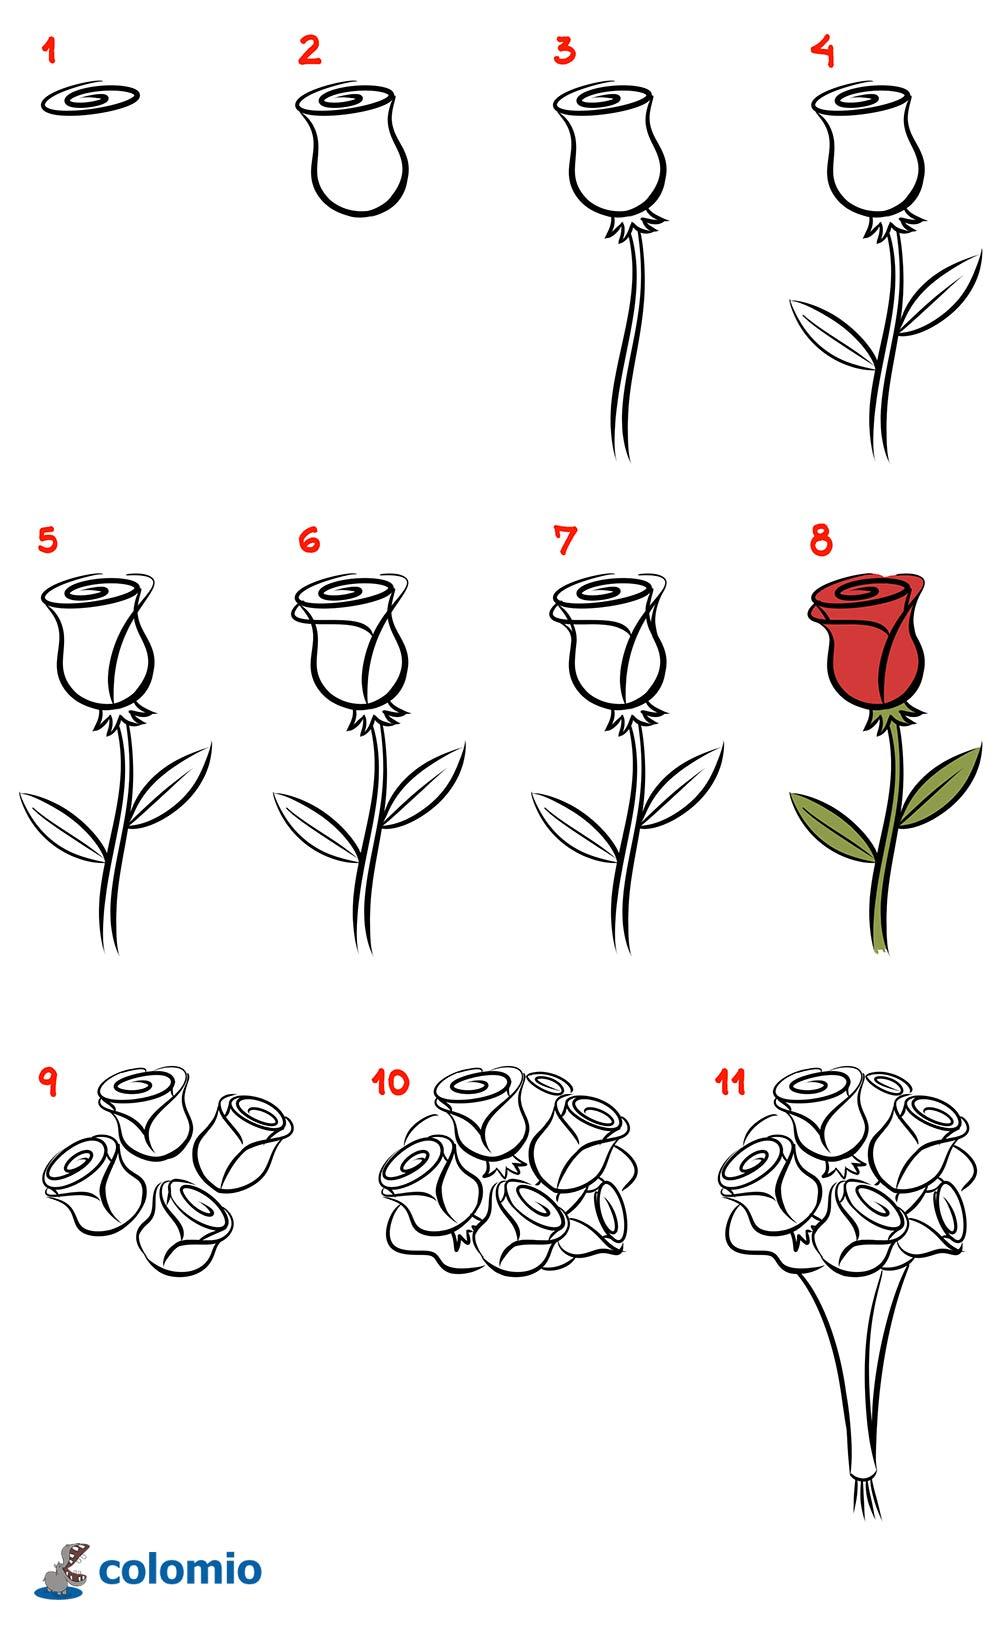 Blumen Malvorlage Kostenlos » Ausmalbilder Blumen verwandt mit Rosen Zeichnen Anleitung